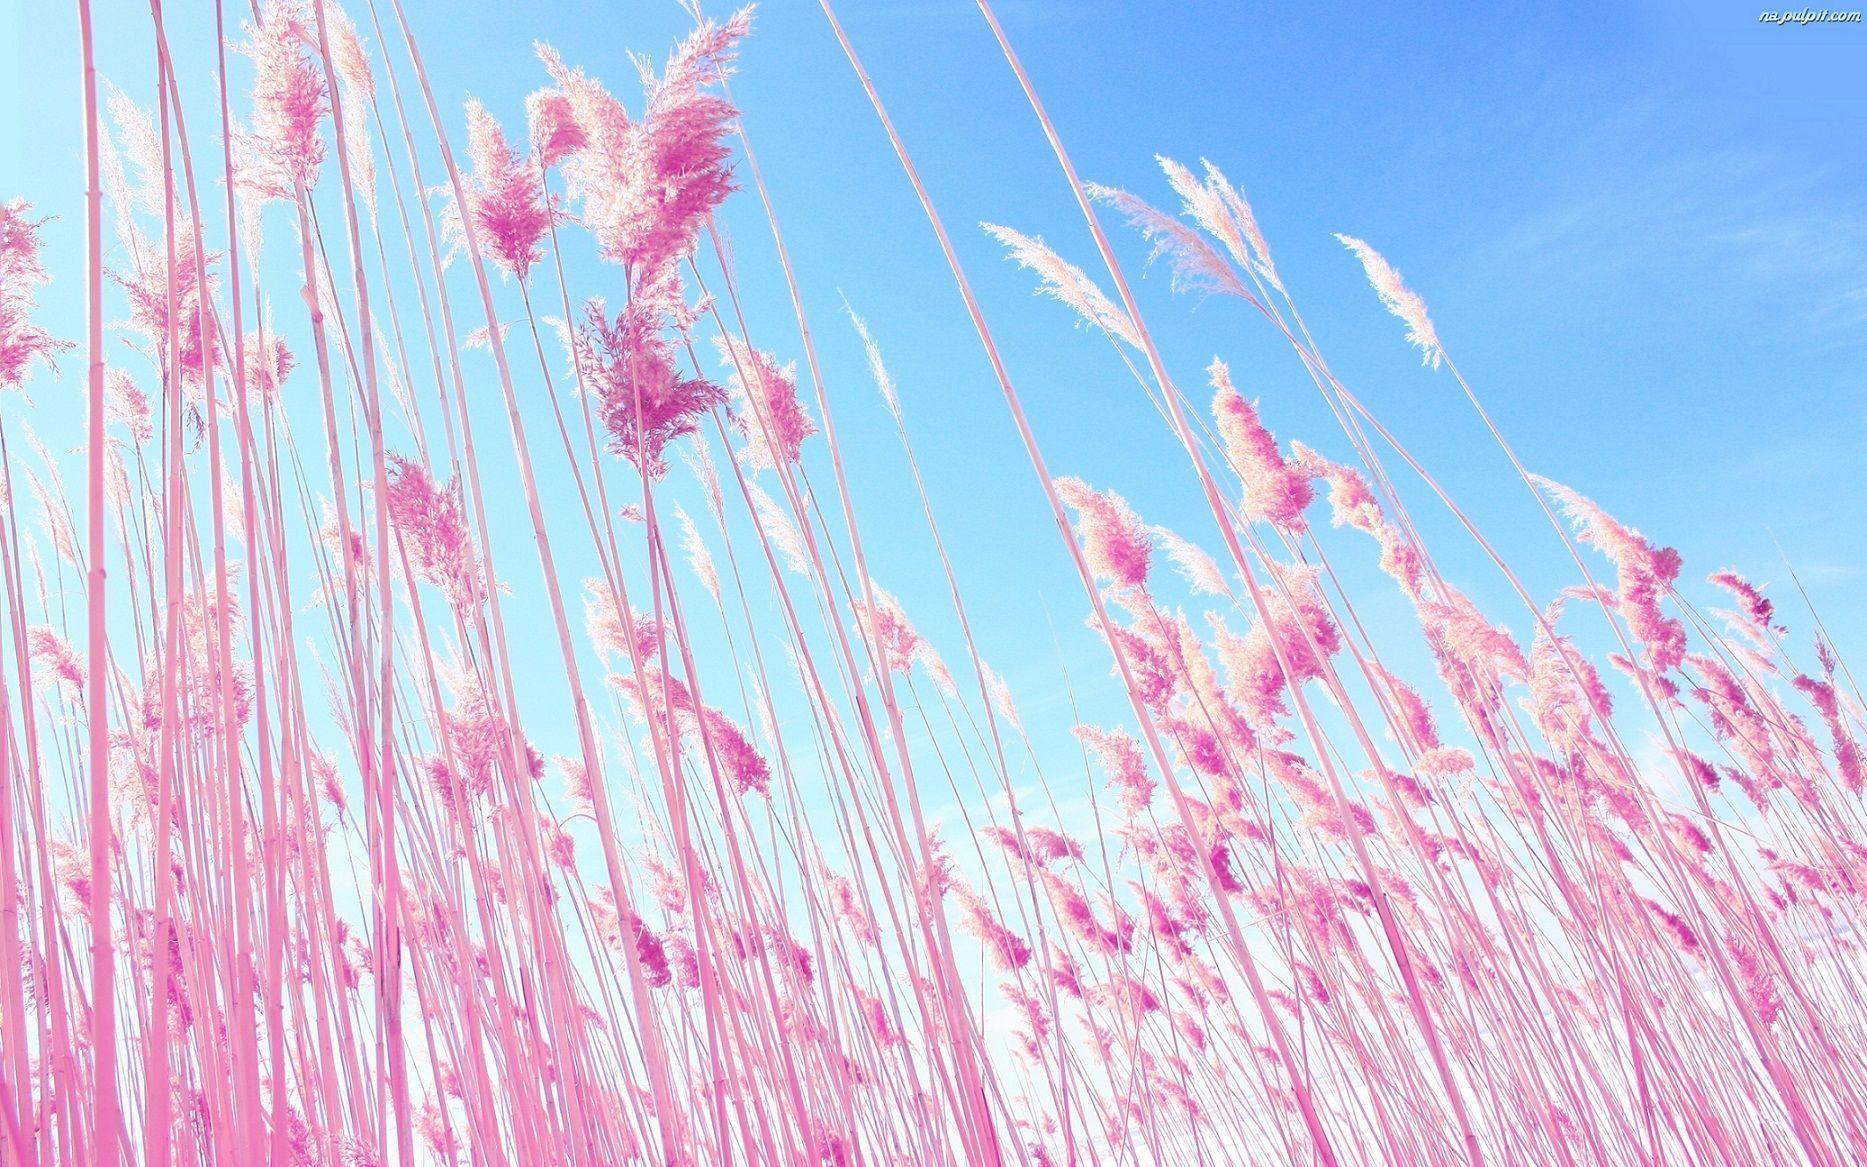 Pink Macbook Wallpapers - Wallpaper Cave